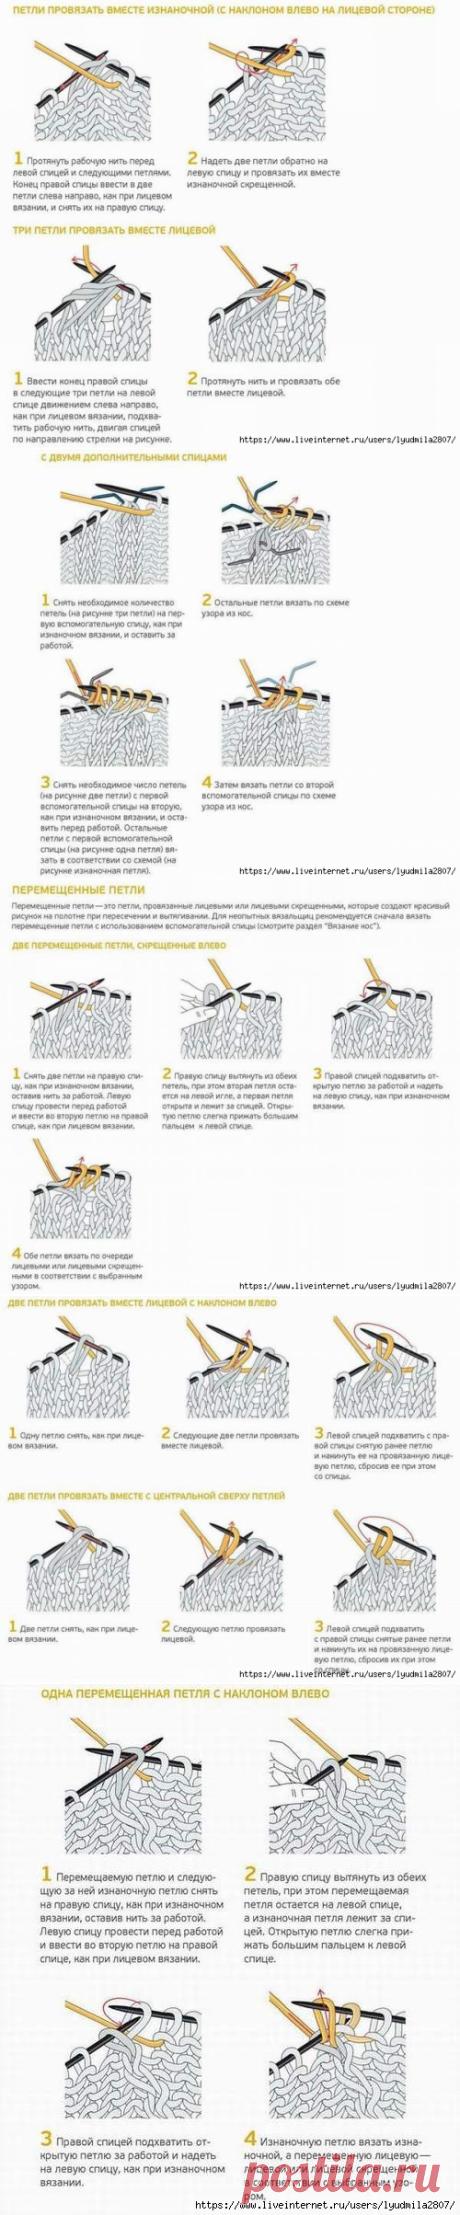 Перемещение петель с наклоном вправо и влево спицами